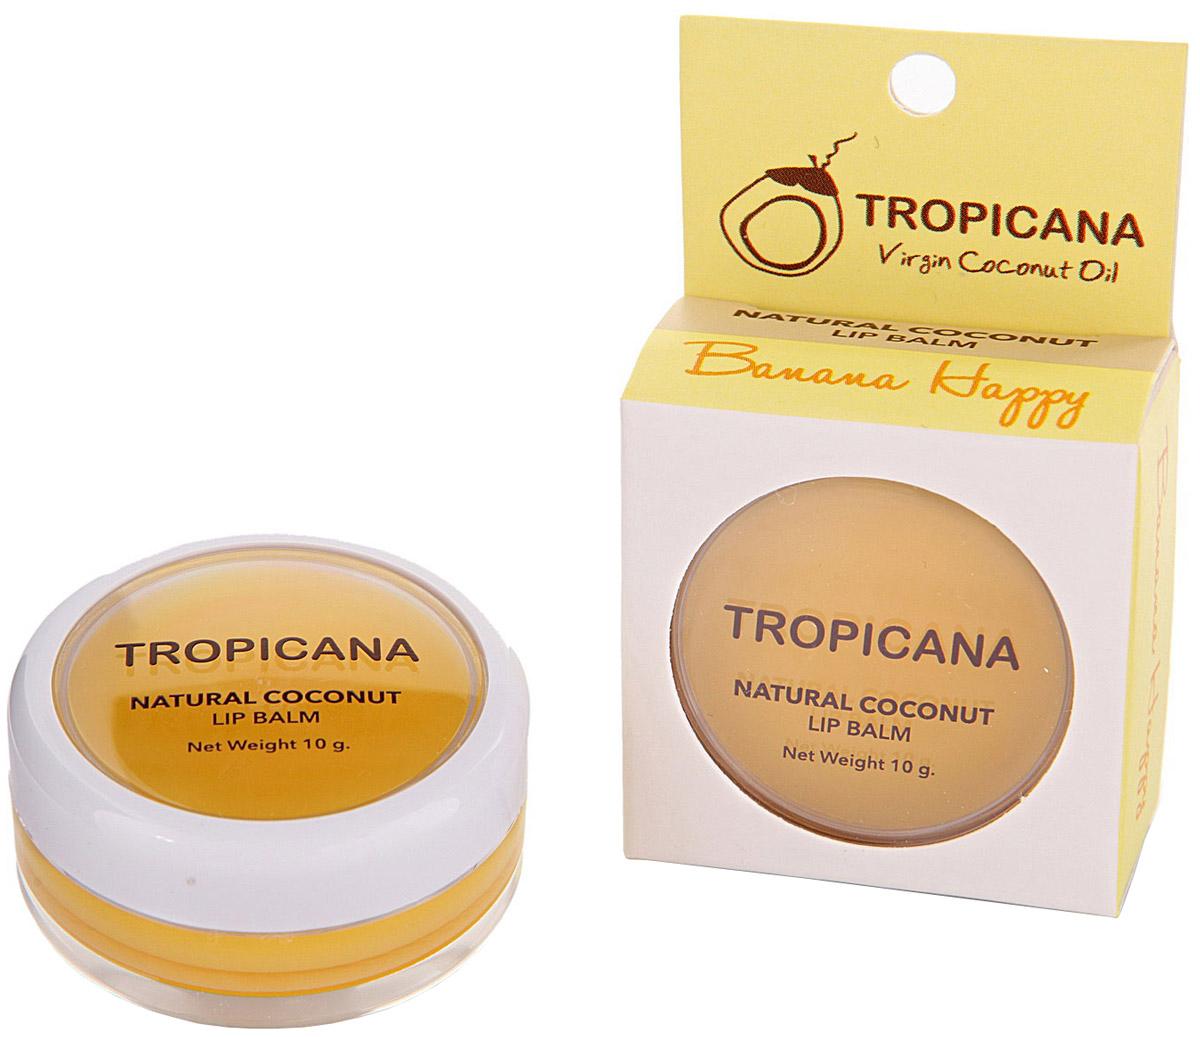 Бальзам для губ Банановое счастье Tropicana, 10 грA16354/01Обогащенный органическим кокосовым маслом холодного отжима, экстрактом банана и маслом ши. Препятствует образованию микро-трещинок на обветренных губах. Сочетание витаминов С и Е это мощный антиоксидант, делает губы гладкими и мягкими. Зрительно увеличивает губ. Спасает от ожогов на солнце, а также ухаживает и увлажняет в зимний период. С приятным ароматом банана. Не содержит в себе отдушек и химических добавок.